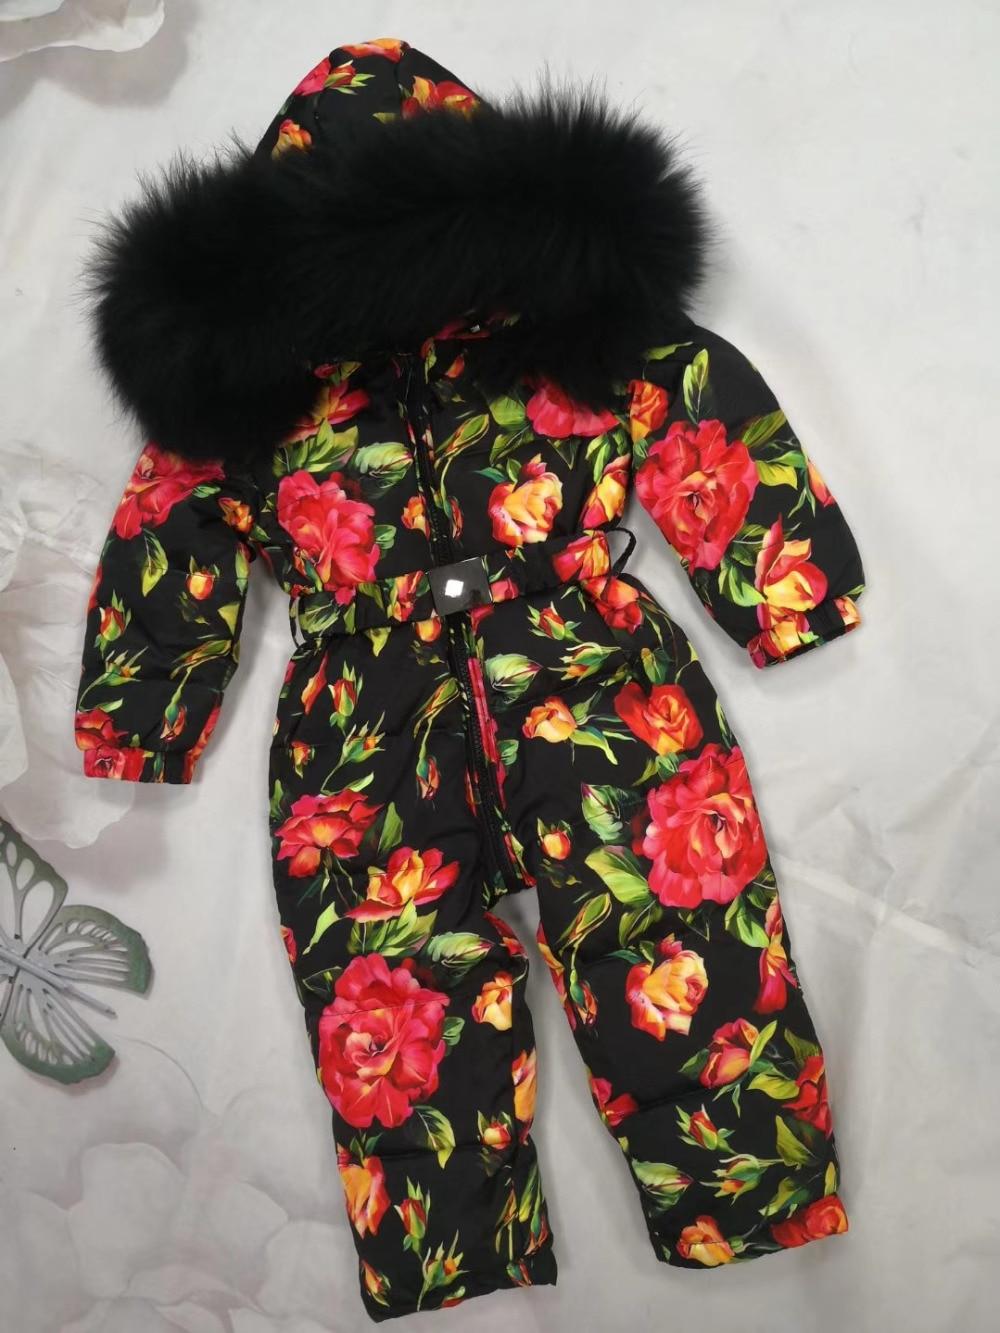 2018 Winter down jacket Baby duck down suit outerwear Fur Hooded children's Snowsuit down coats Child jumpsuit romper ski suit